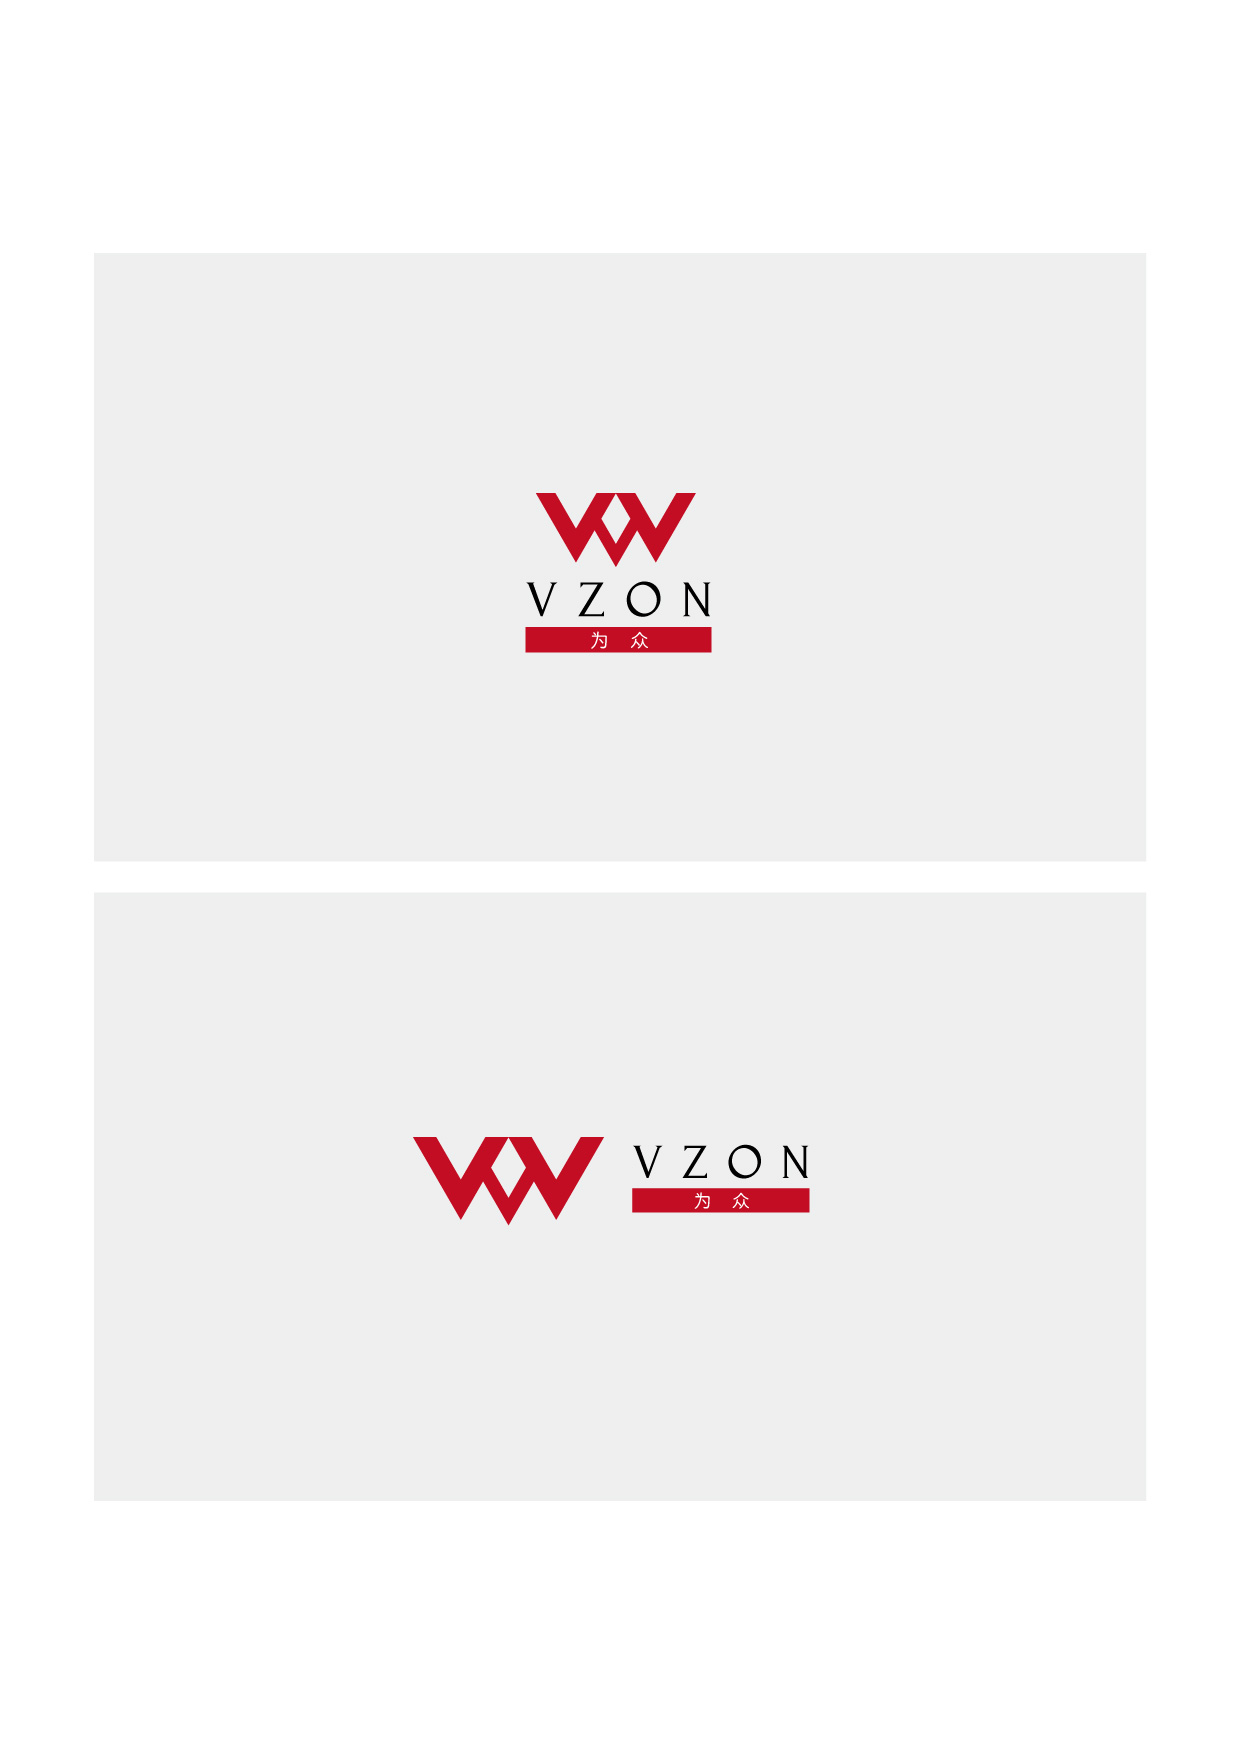 3个v组成的倒着的众字图片